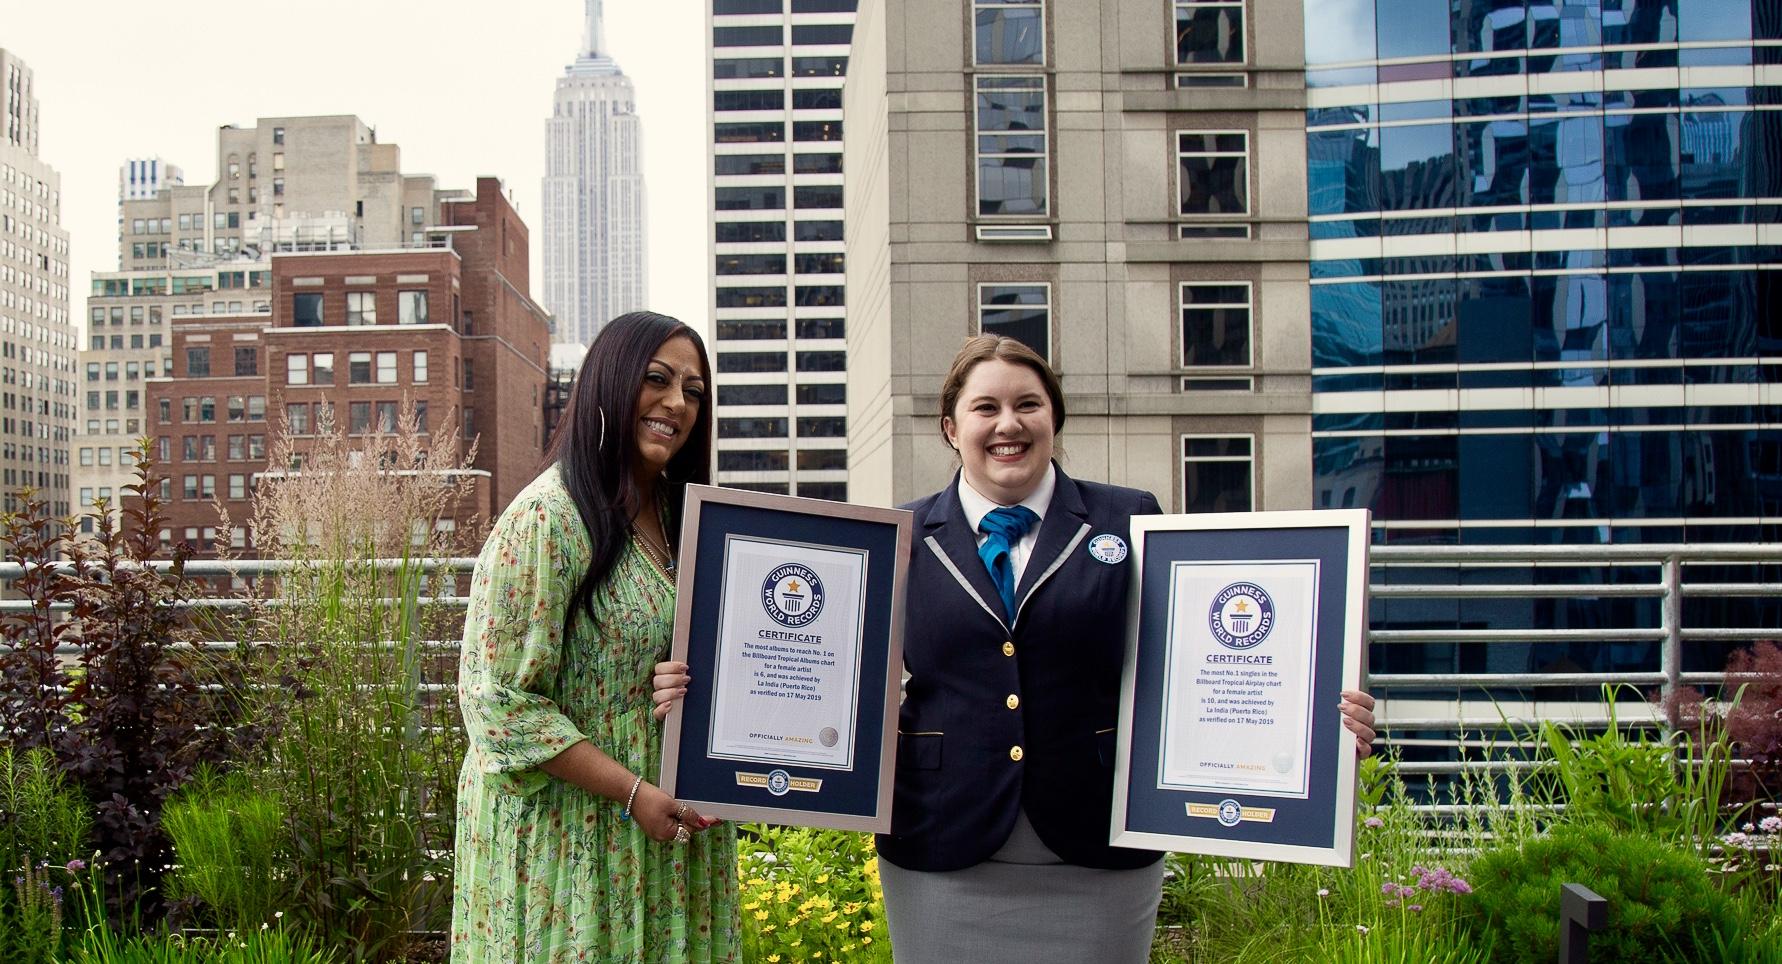 La India Guinness World Records